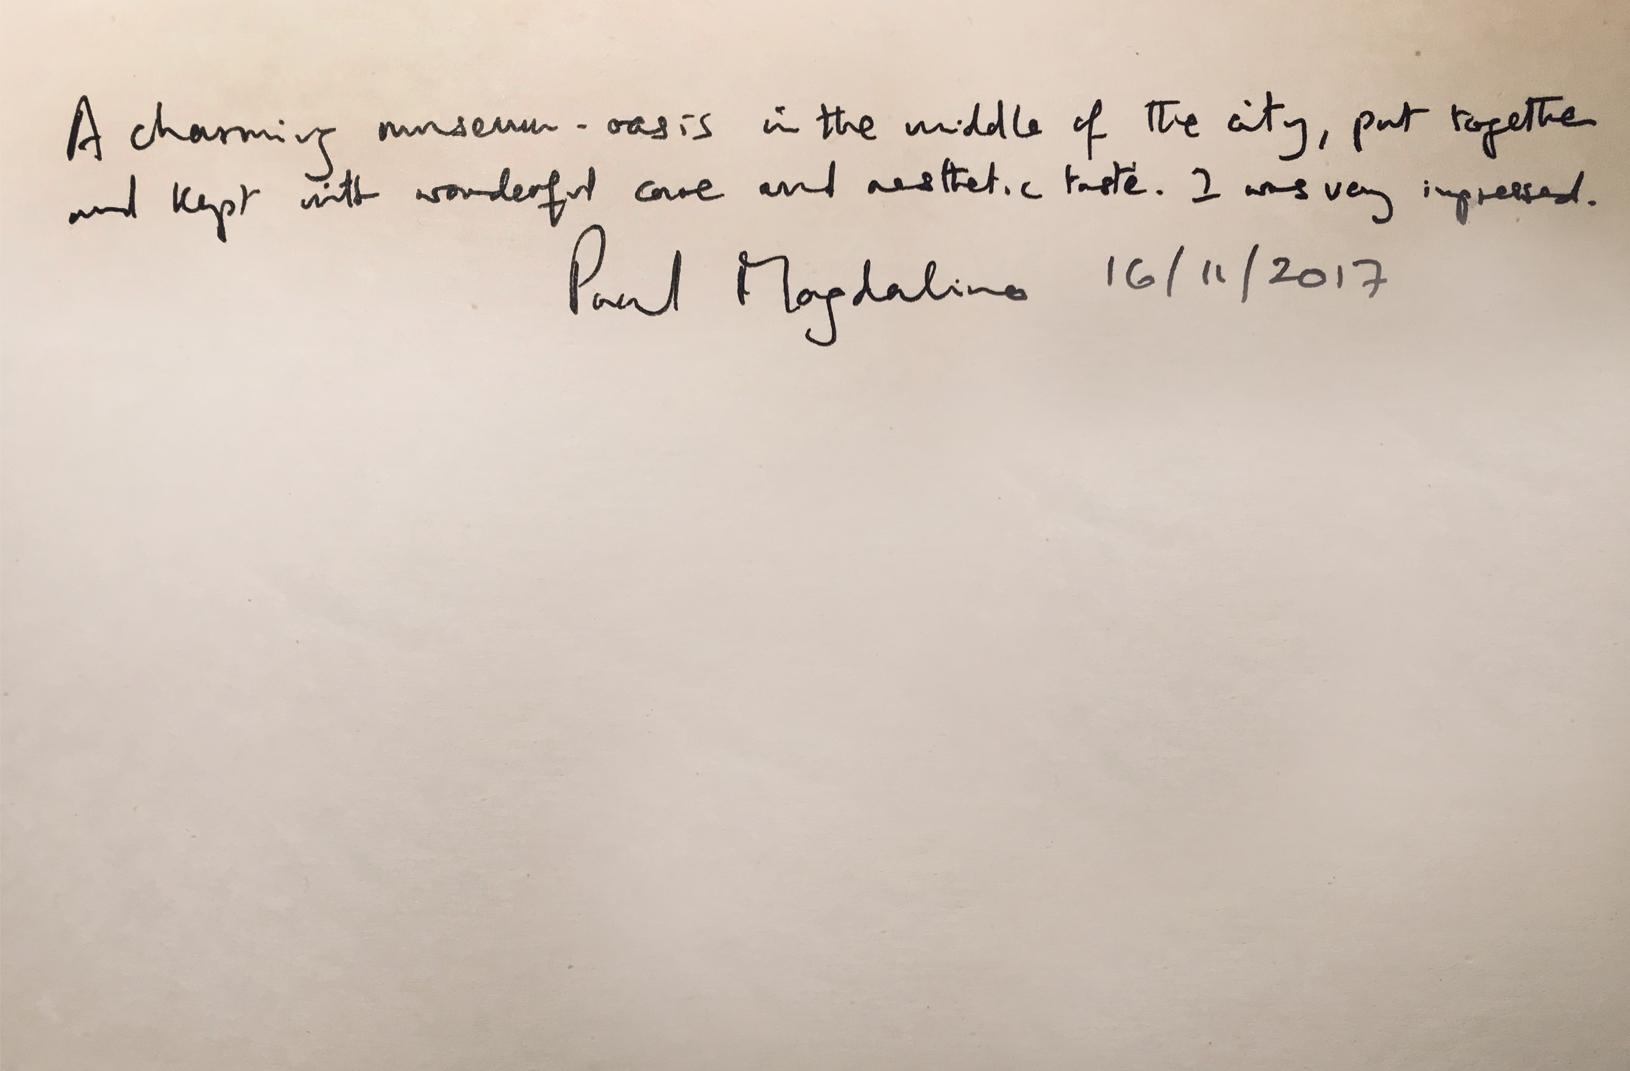 Paul-Magdalino-text